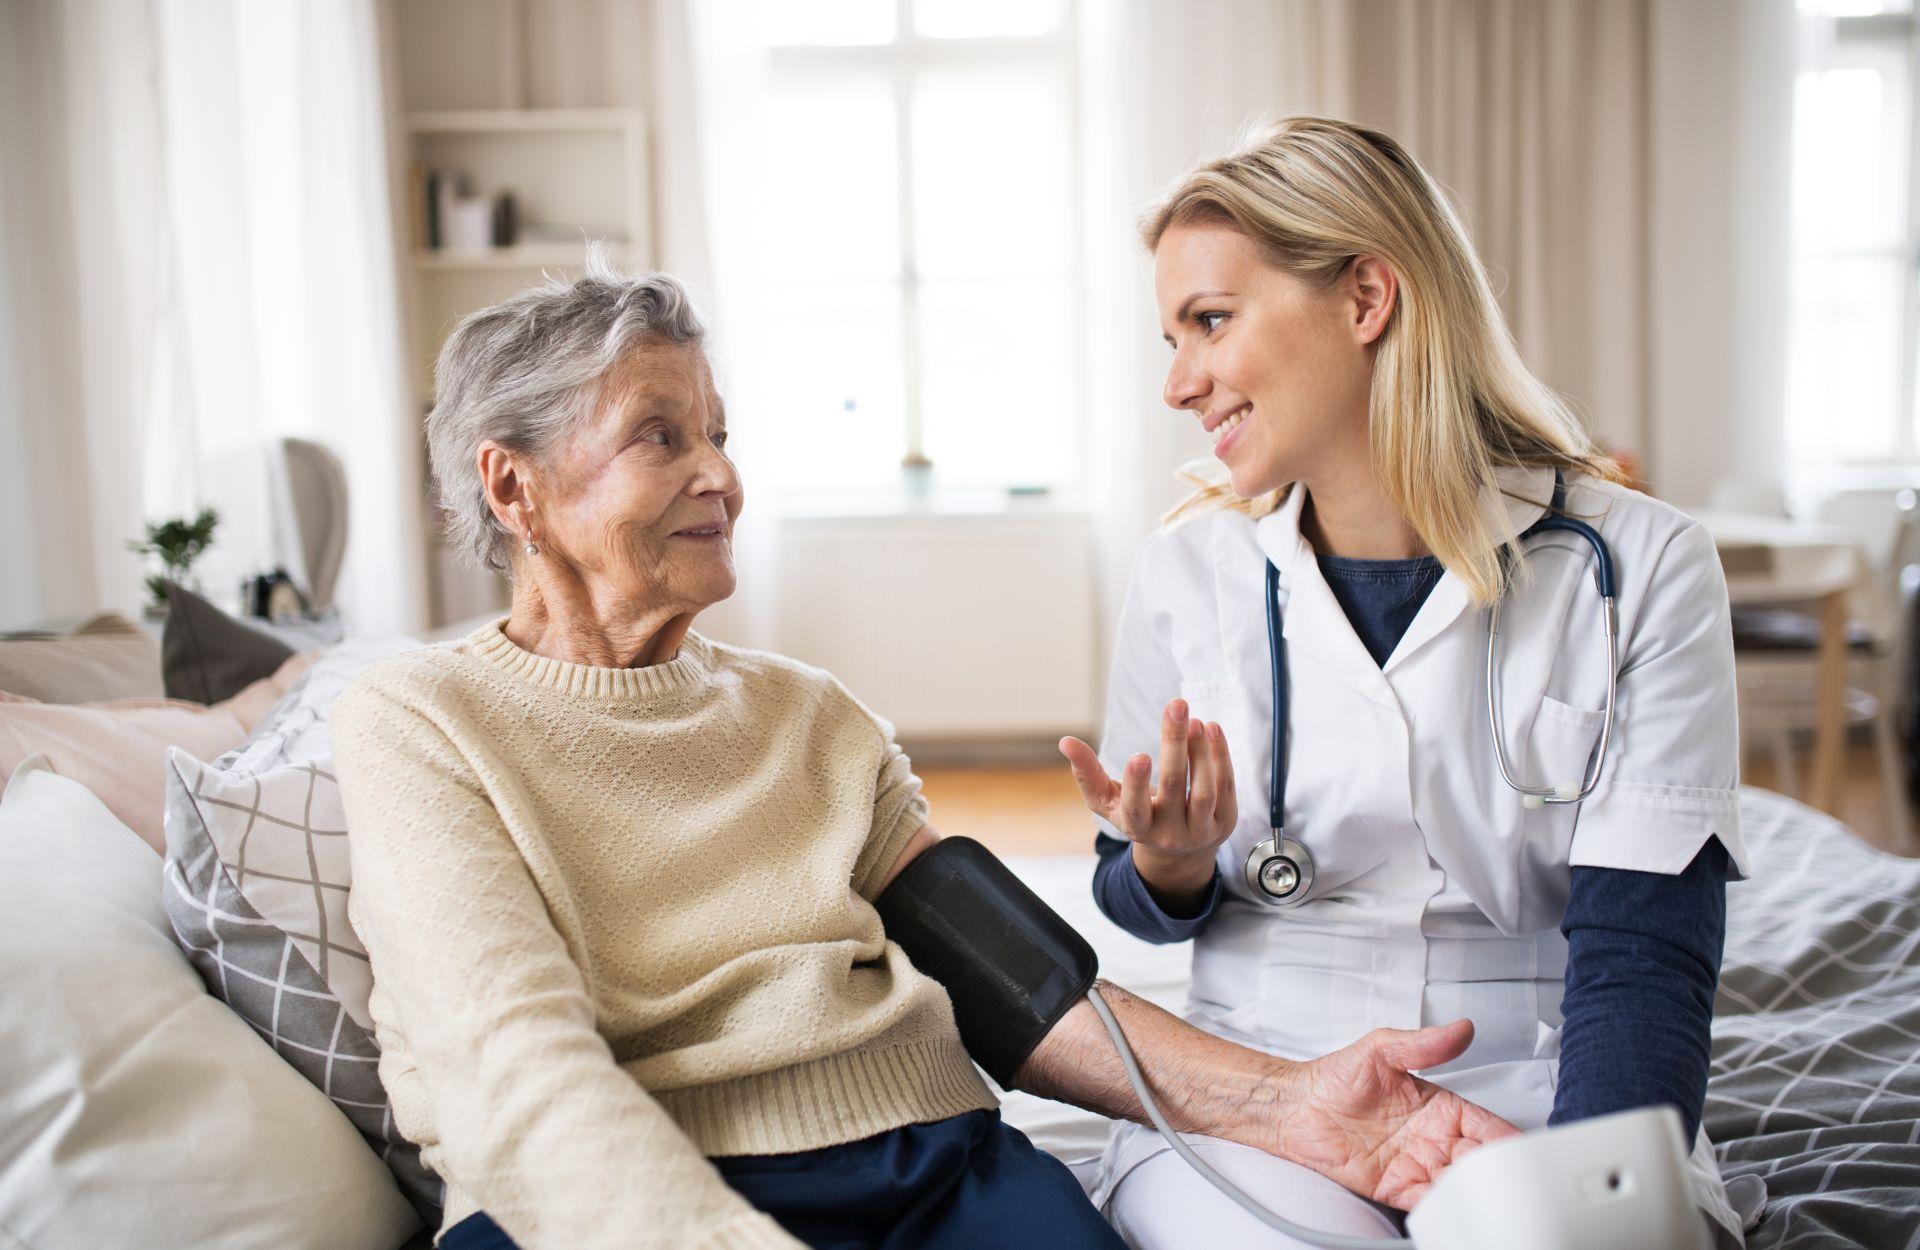 Niewydolność serca - przyczyną może być choroba wieńcowa, przebyty zawał serca, nadciśnienie tętnicze, wrodzone wady serca, ale również nadużywanie używek i nieprawidłowy styl życia.